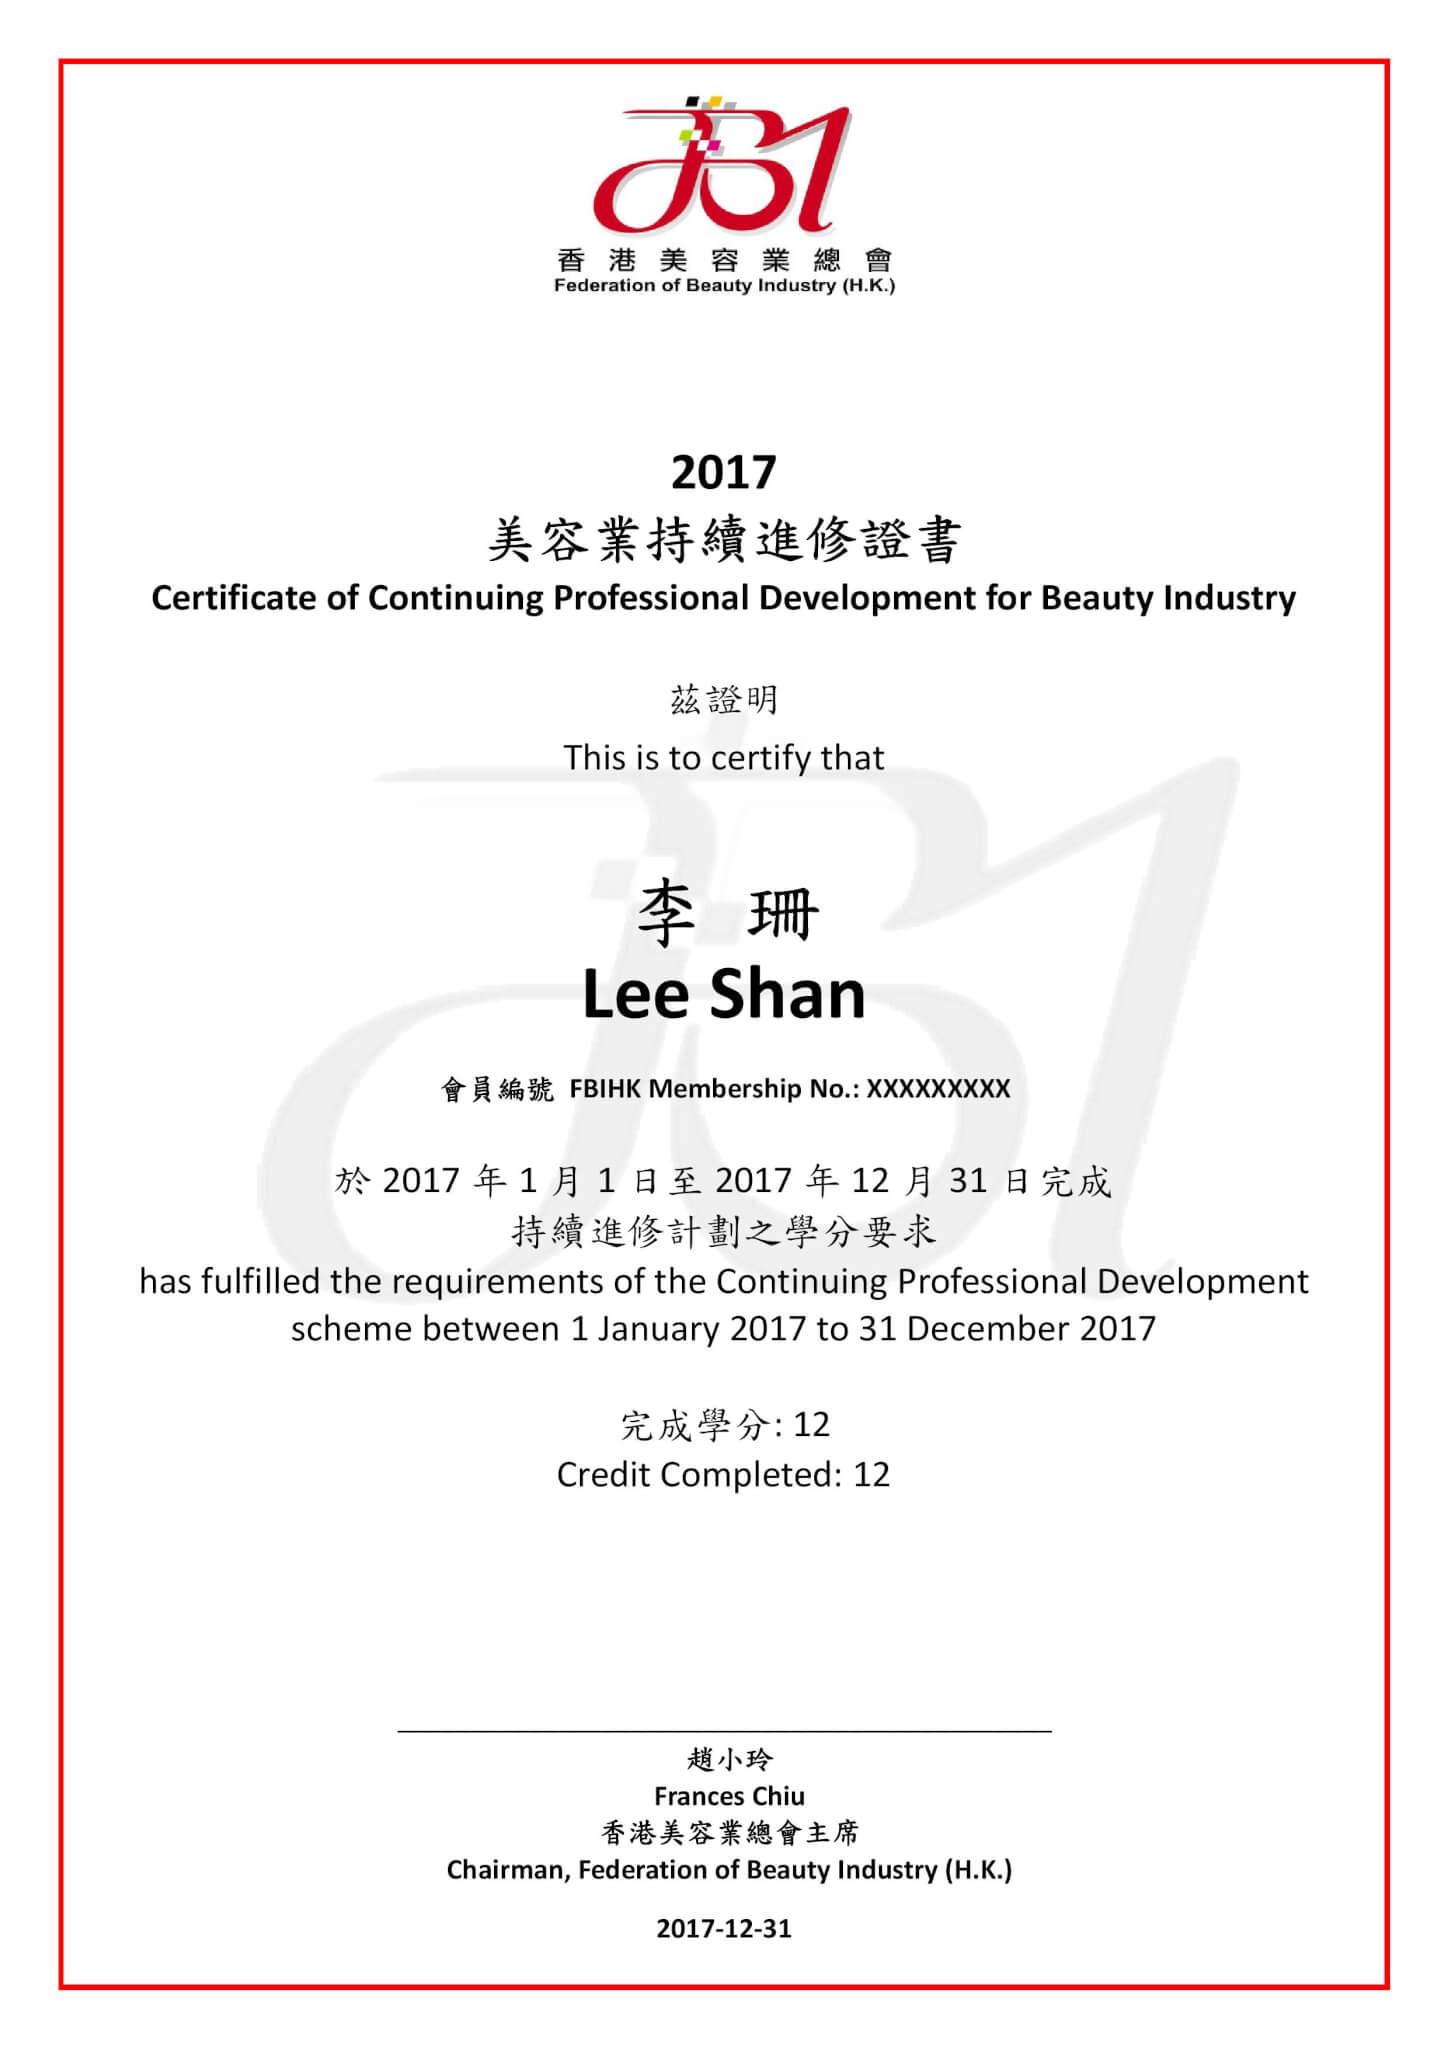 申請方法 - 香港美容業總會香港美容業總會